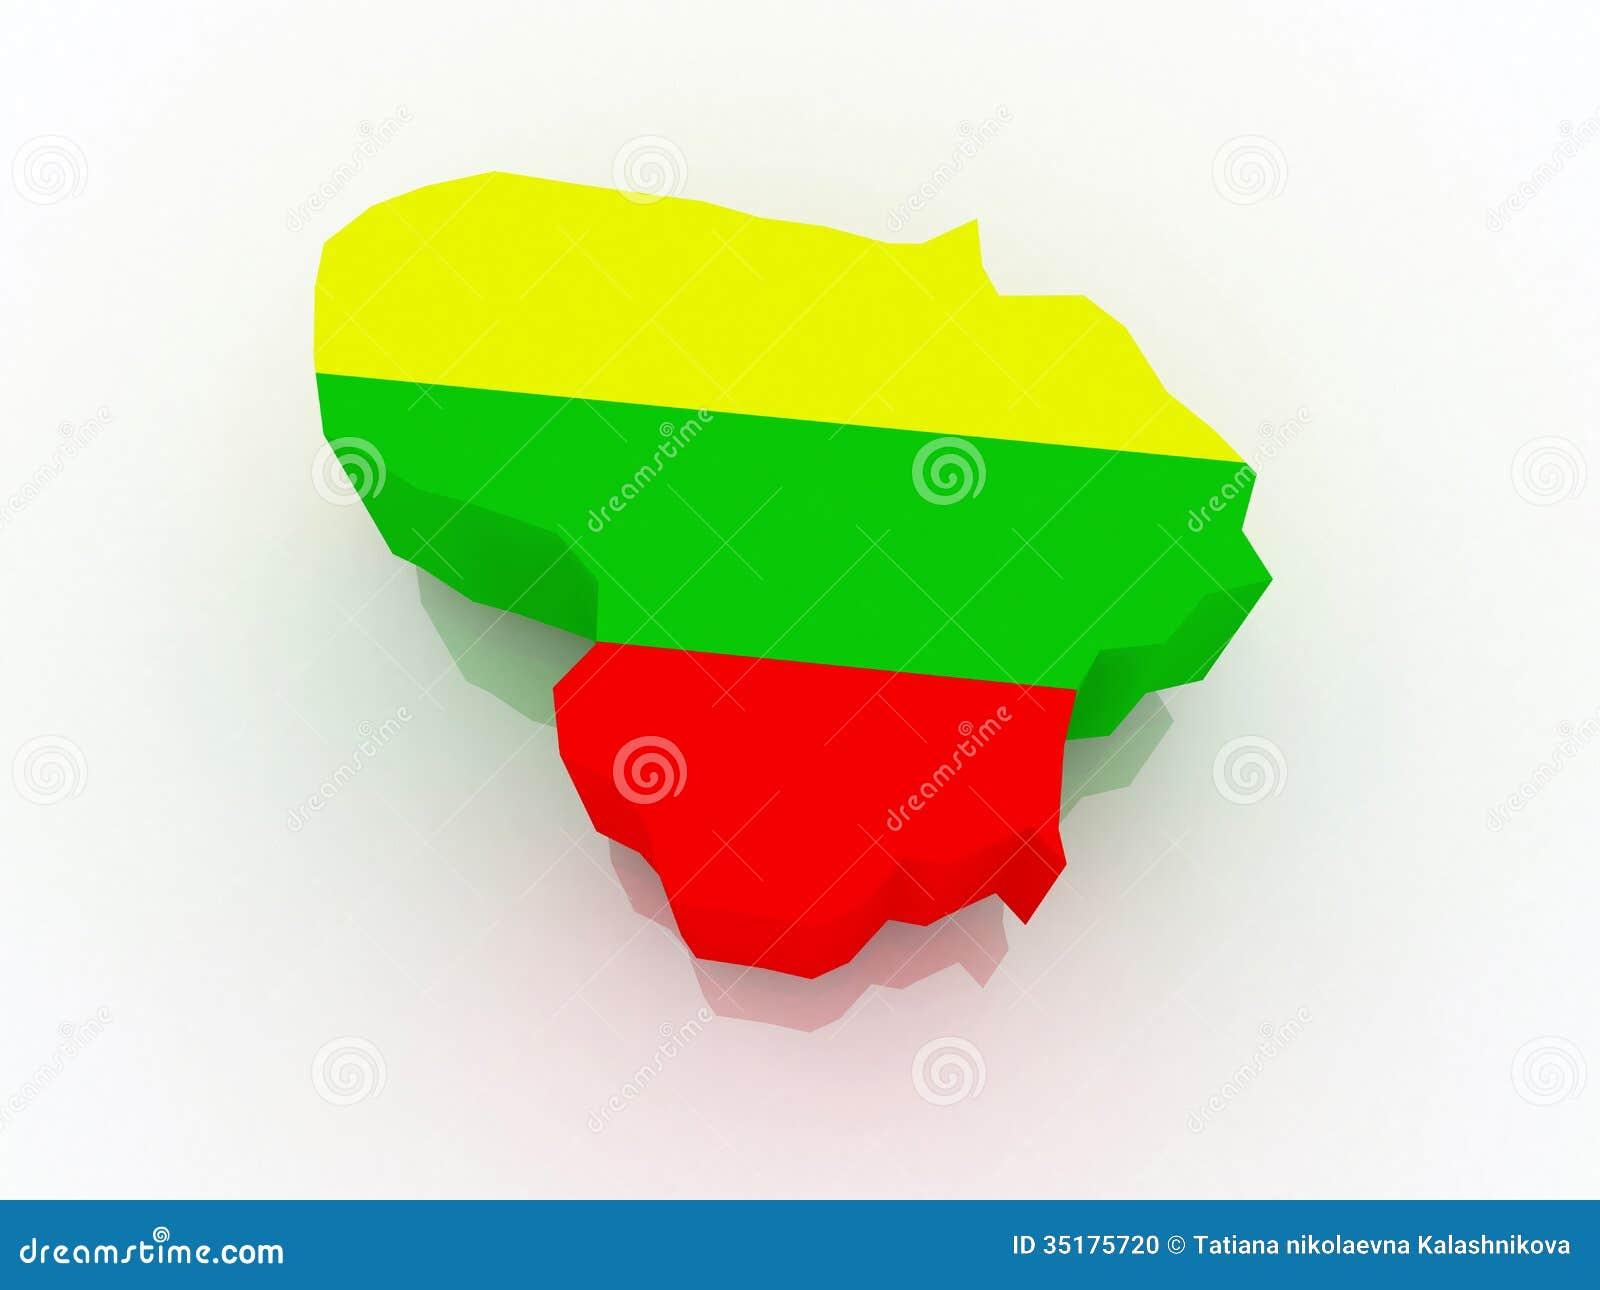 Mapa de Lituania.